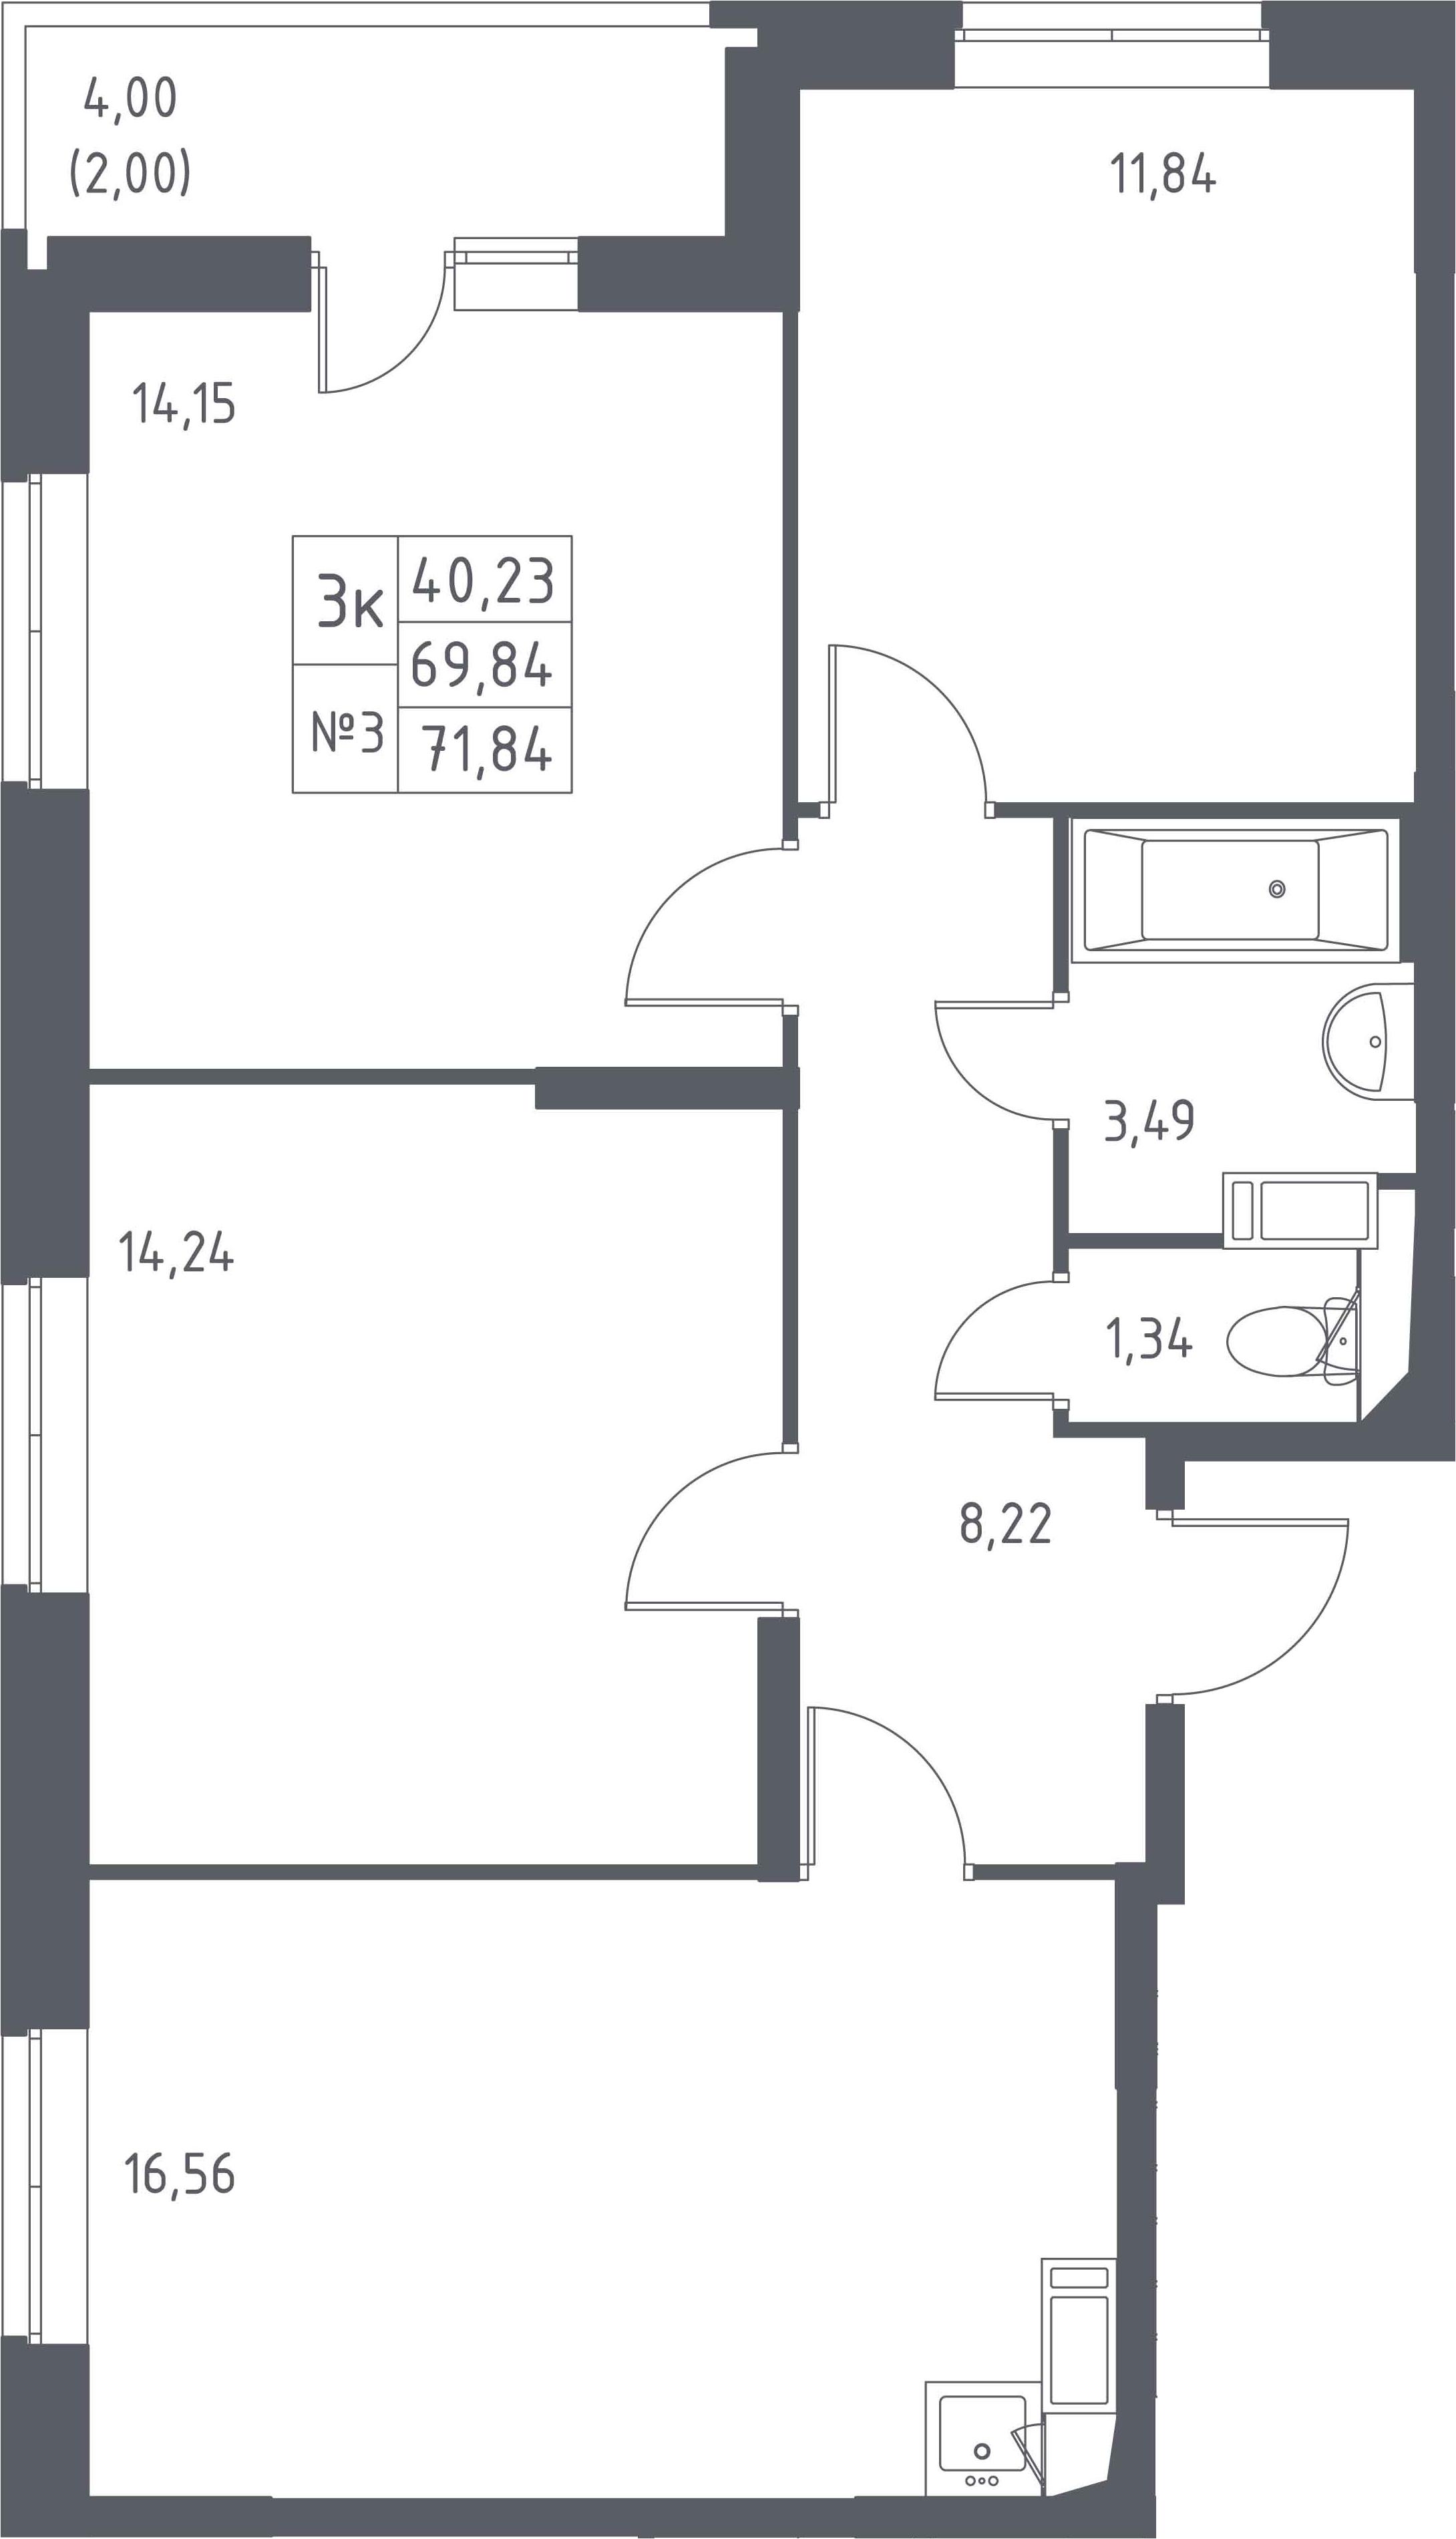 3-к.кв, 71.84 м²